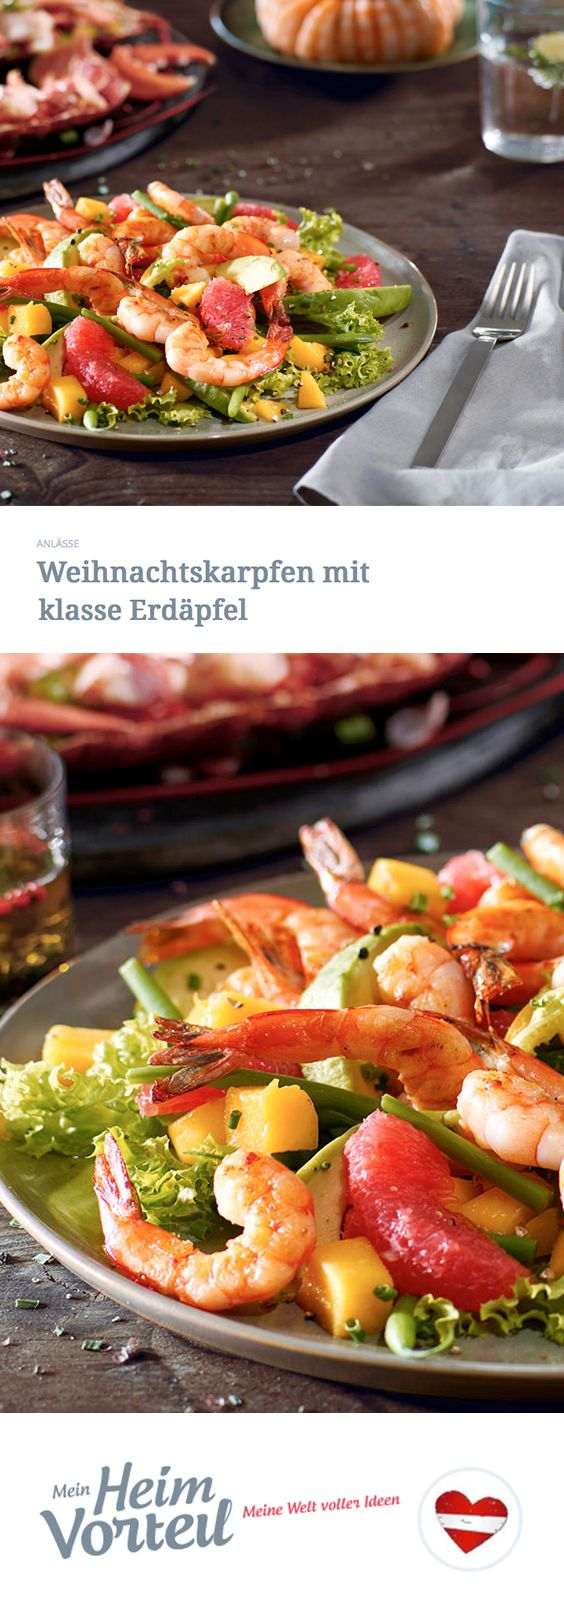 Die besten Feiern finden immer in der Küche statt, richtig? Also bittest du deine drei Gäste gleich nach der Begrüßung direkt dahin und lässt dir bei der Vorbereitung dieser köstlichen Vorspeise helfen. #christmas #weihnachten #hauptspeise #salat #garnelen #food #rezept #recipe #deluxe #idee #idea